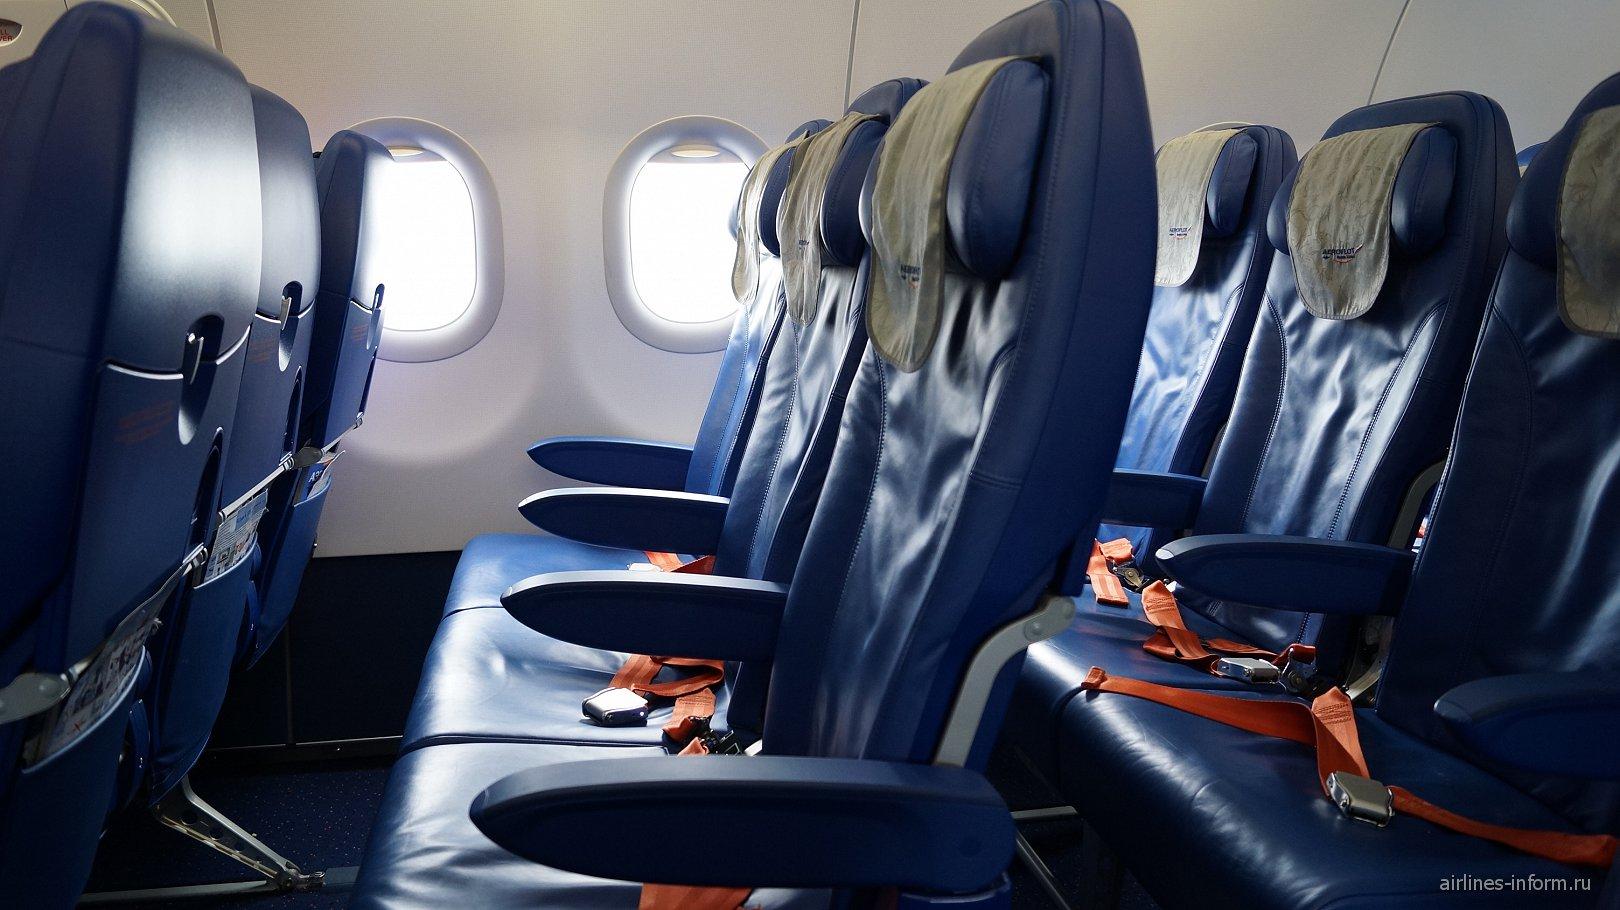 Кресла эконом-класса в самолете Airbus A320 авиакомпании Аэрофлот